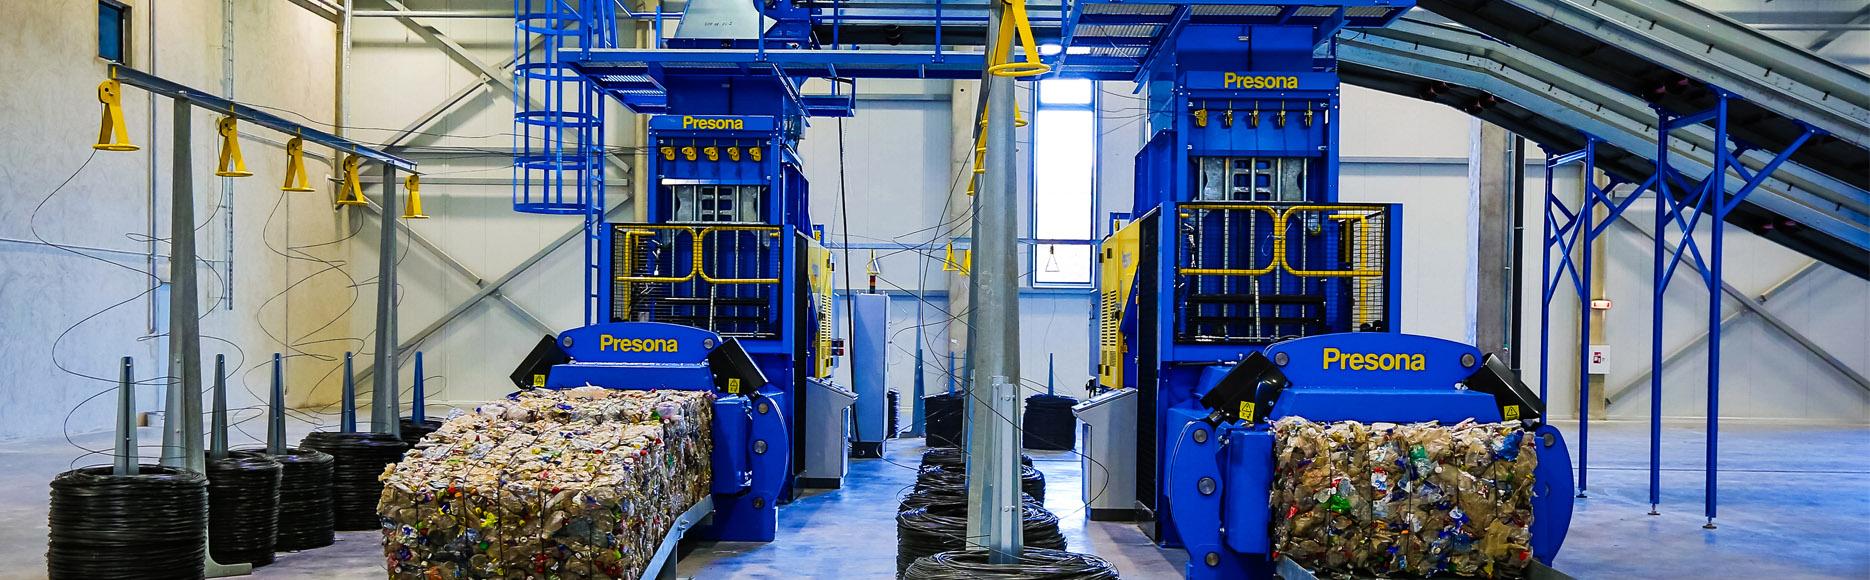 <p> Автоматический горизонтальный пресс для ТБО от европейского производителя Presona в Украине. Пресс изготовлен из Шведской износостойкой стали Hardox 500. Усилие прессования от 60 до 110 тонн. Вес тюка 1000 кг. Производительность от 10 до 22 тонн в час.</p>